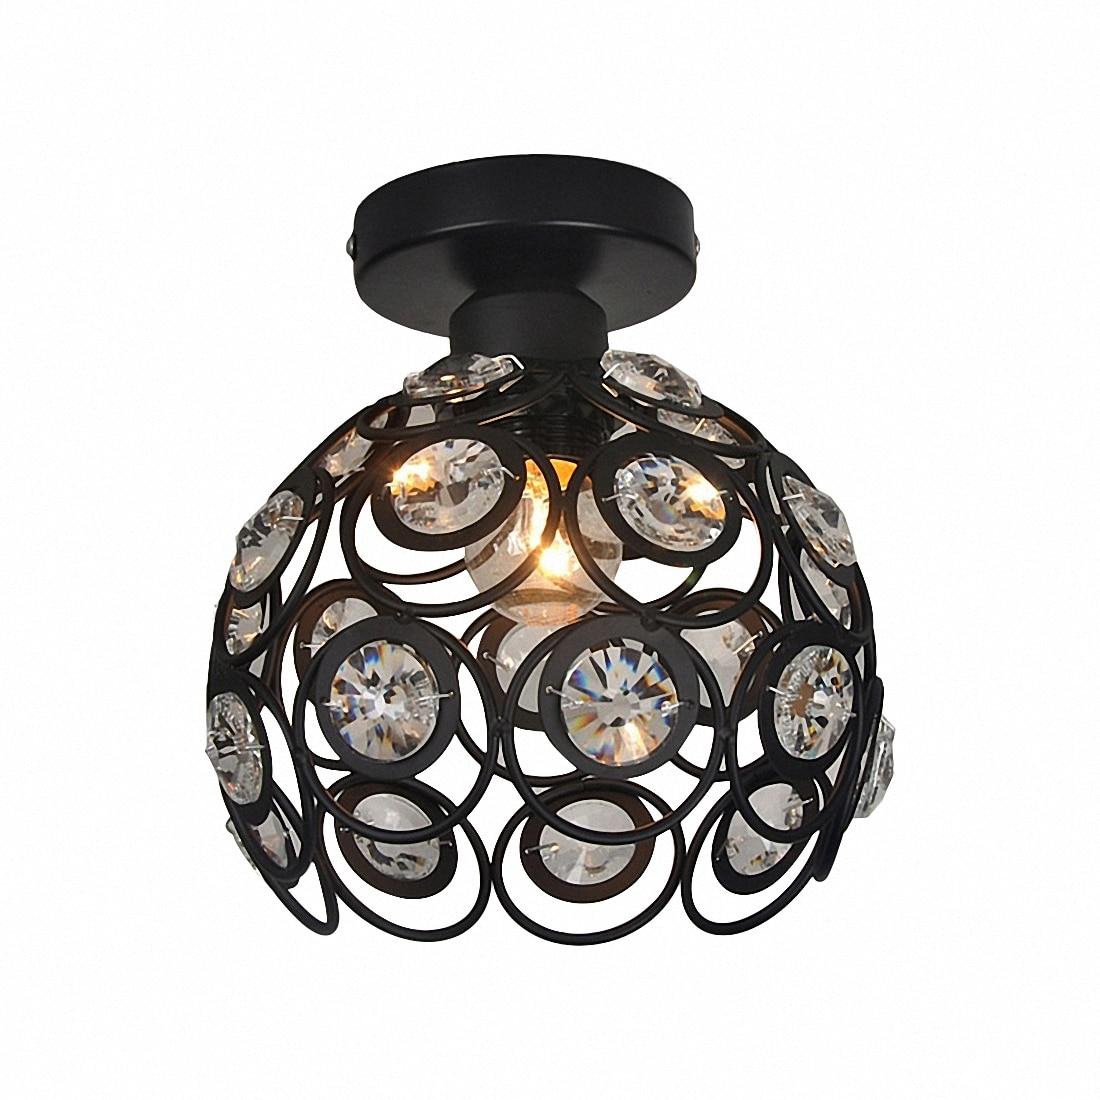 Lámpara de techo minimalista de cristal original negra E27, lámpara de techo y pared individual europea, lámpara de cristal